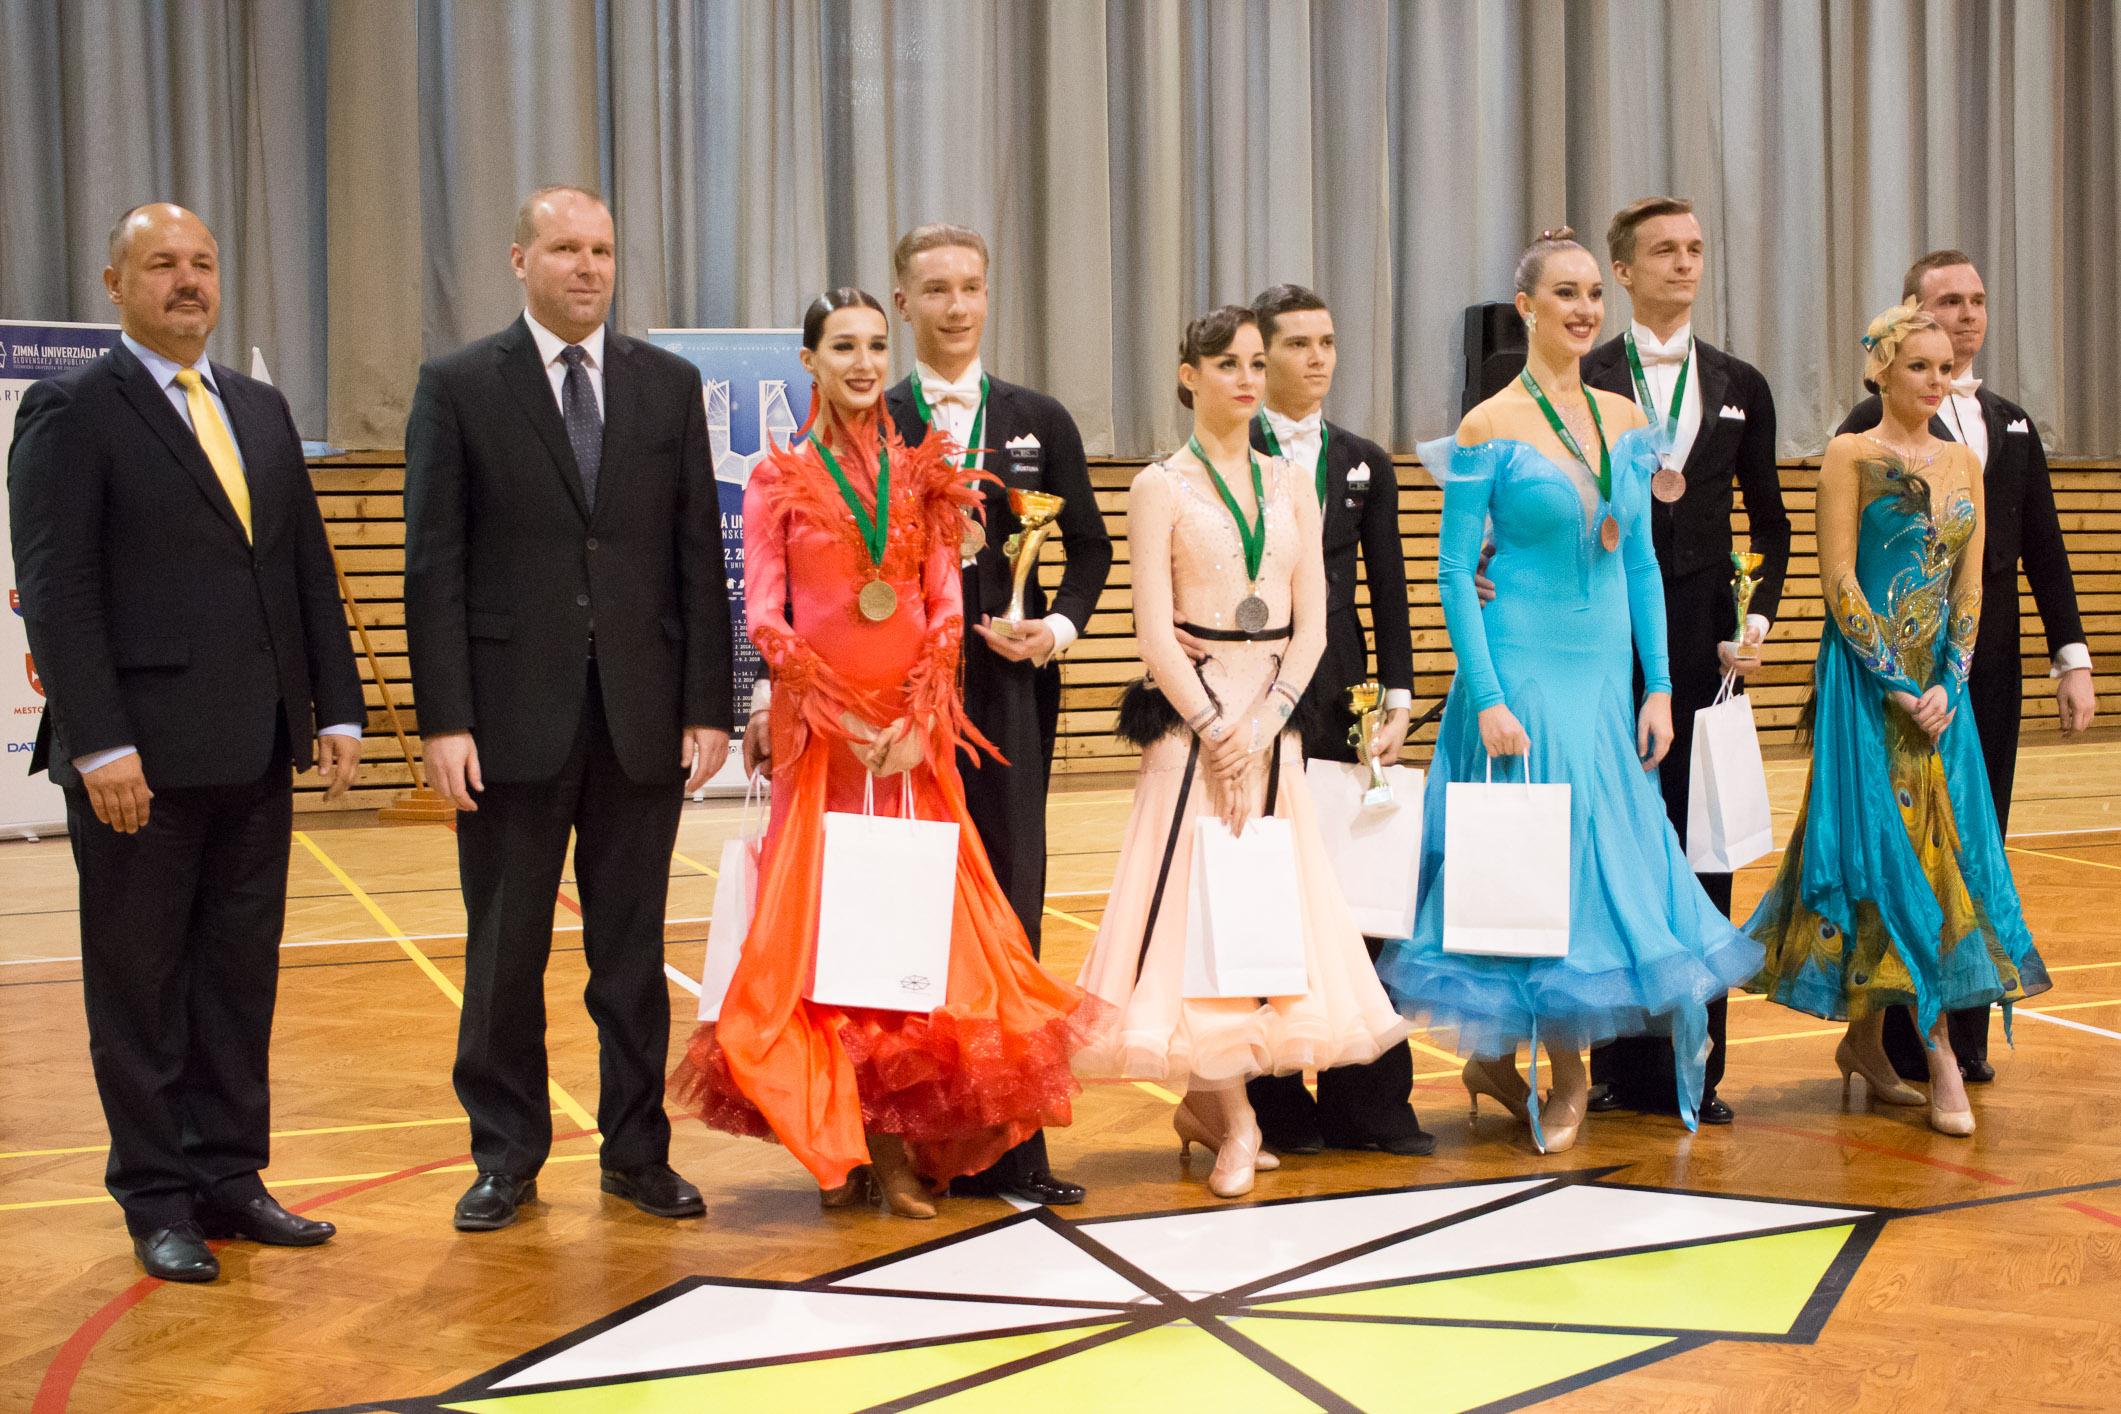 univerziada-tu-zv-tanecny-sport-12